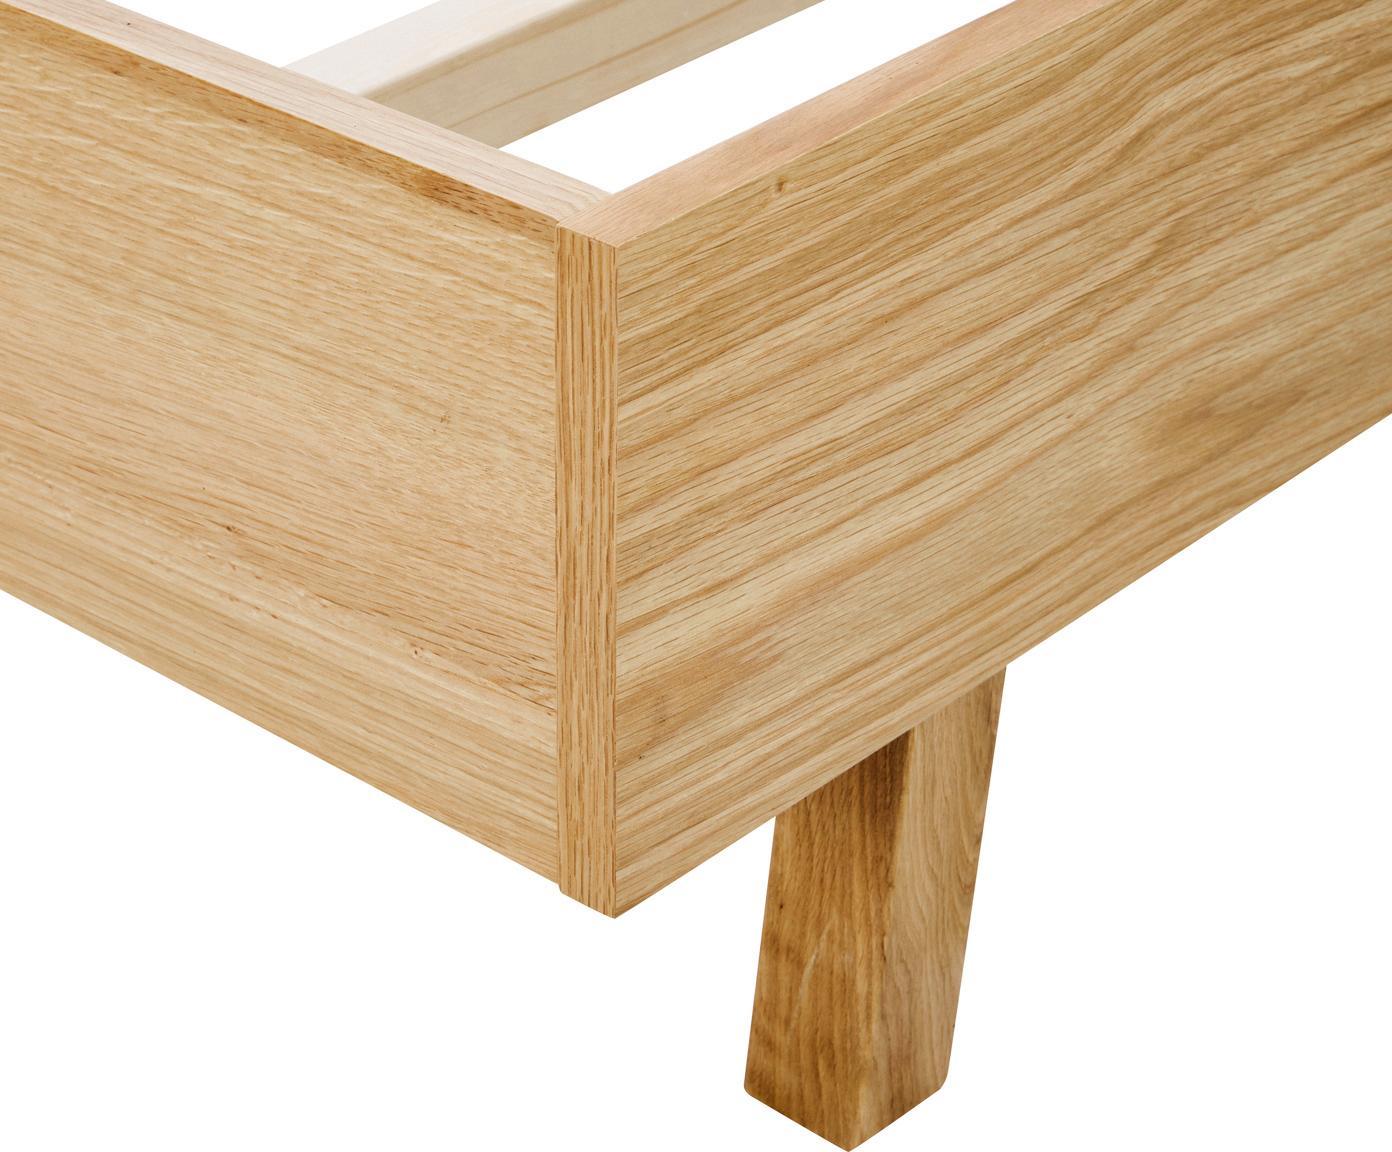 Struttura letto in legno senza testiera Tammy, Struttura: compensato con rivestimen, Piedini: legno di quercia massicci, Legno di quercia, 160 x 200 cm